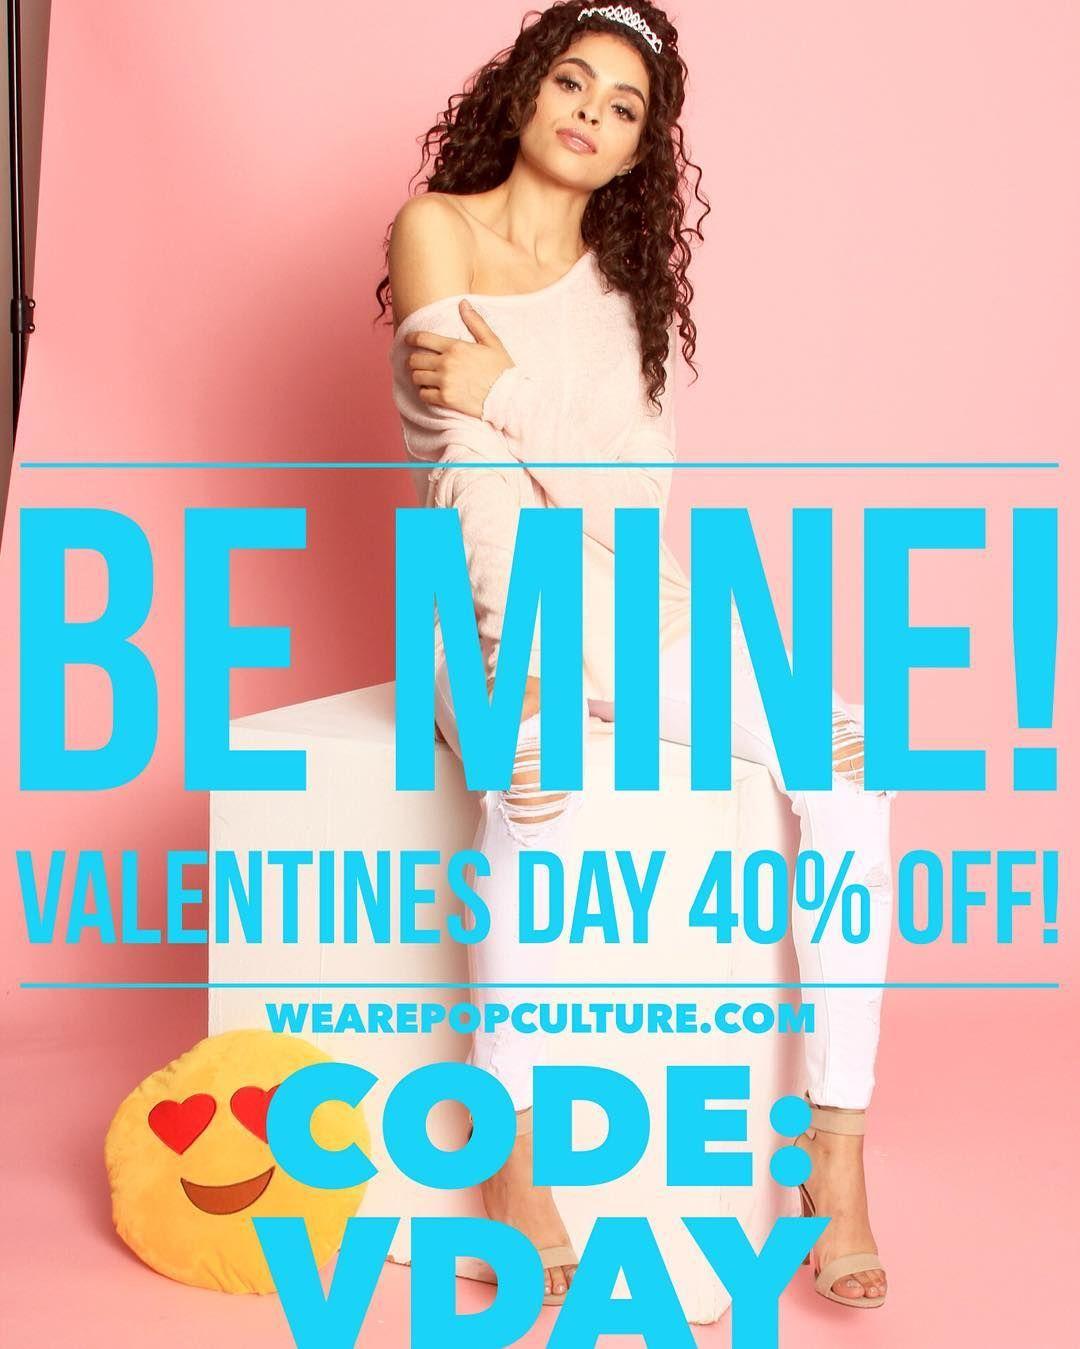 Valentines Day is just around the corner! Shop